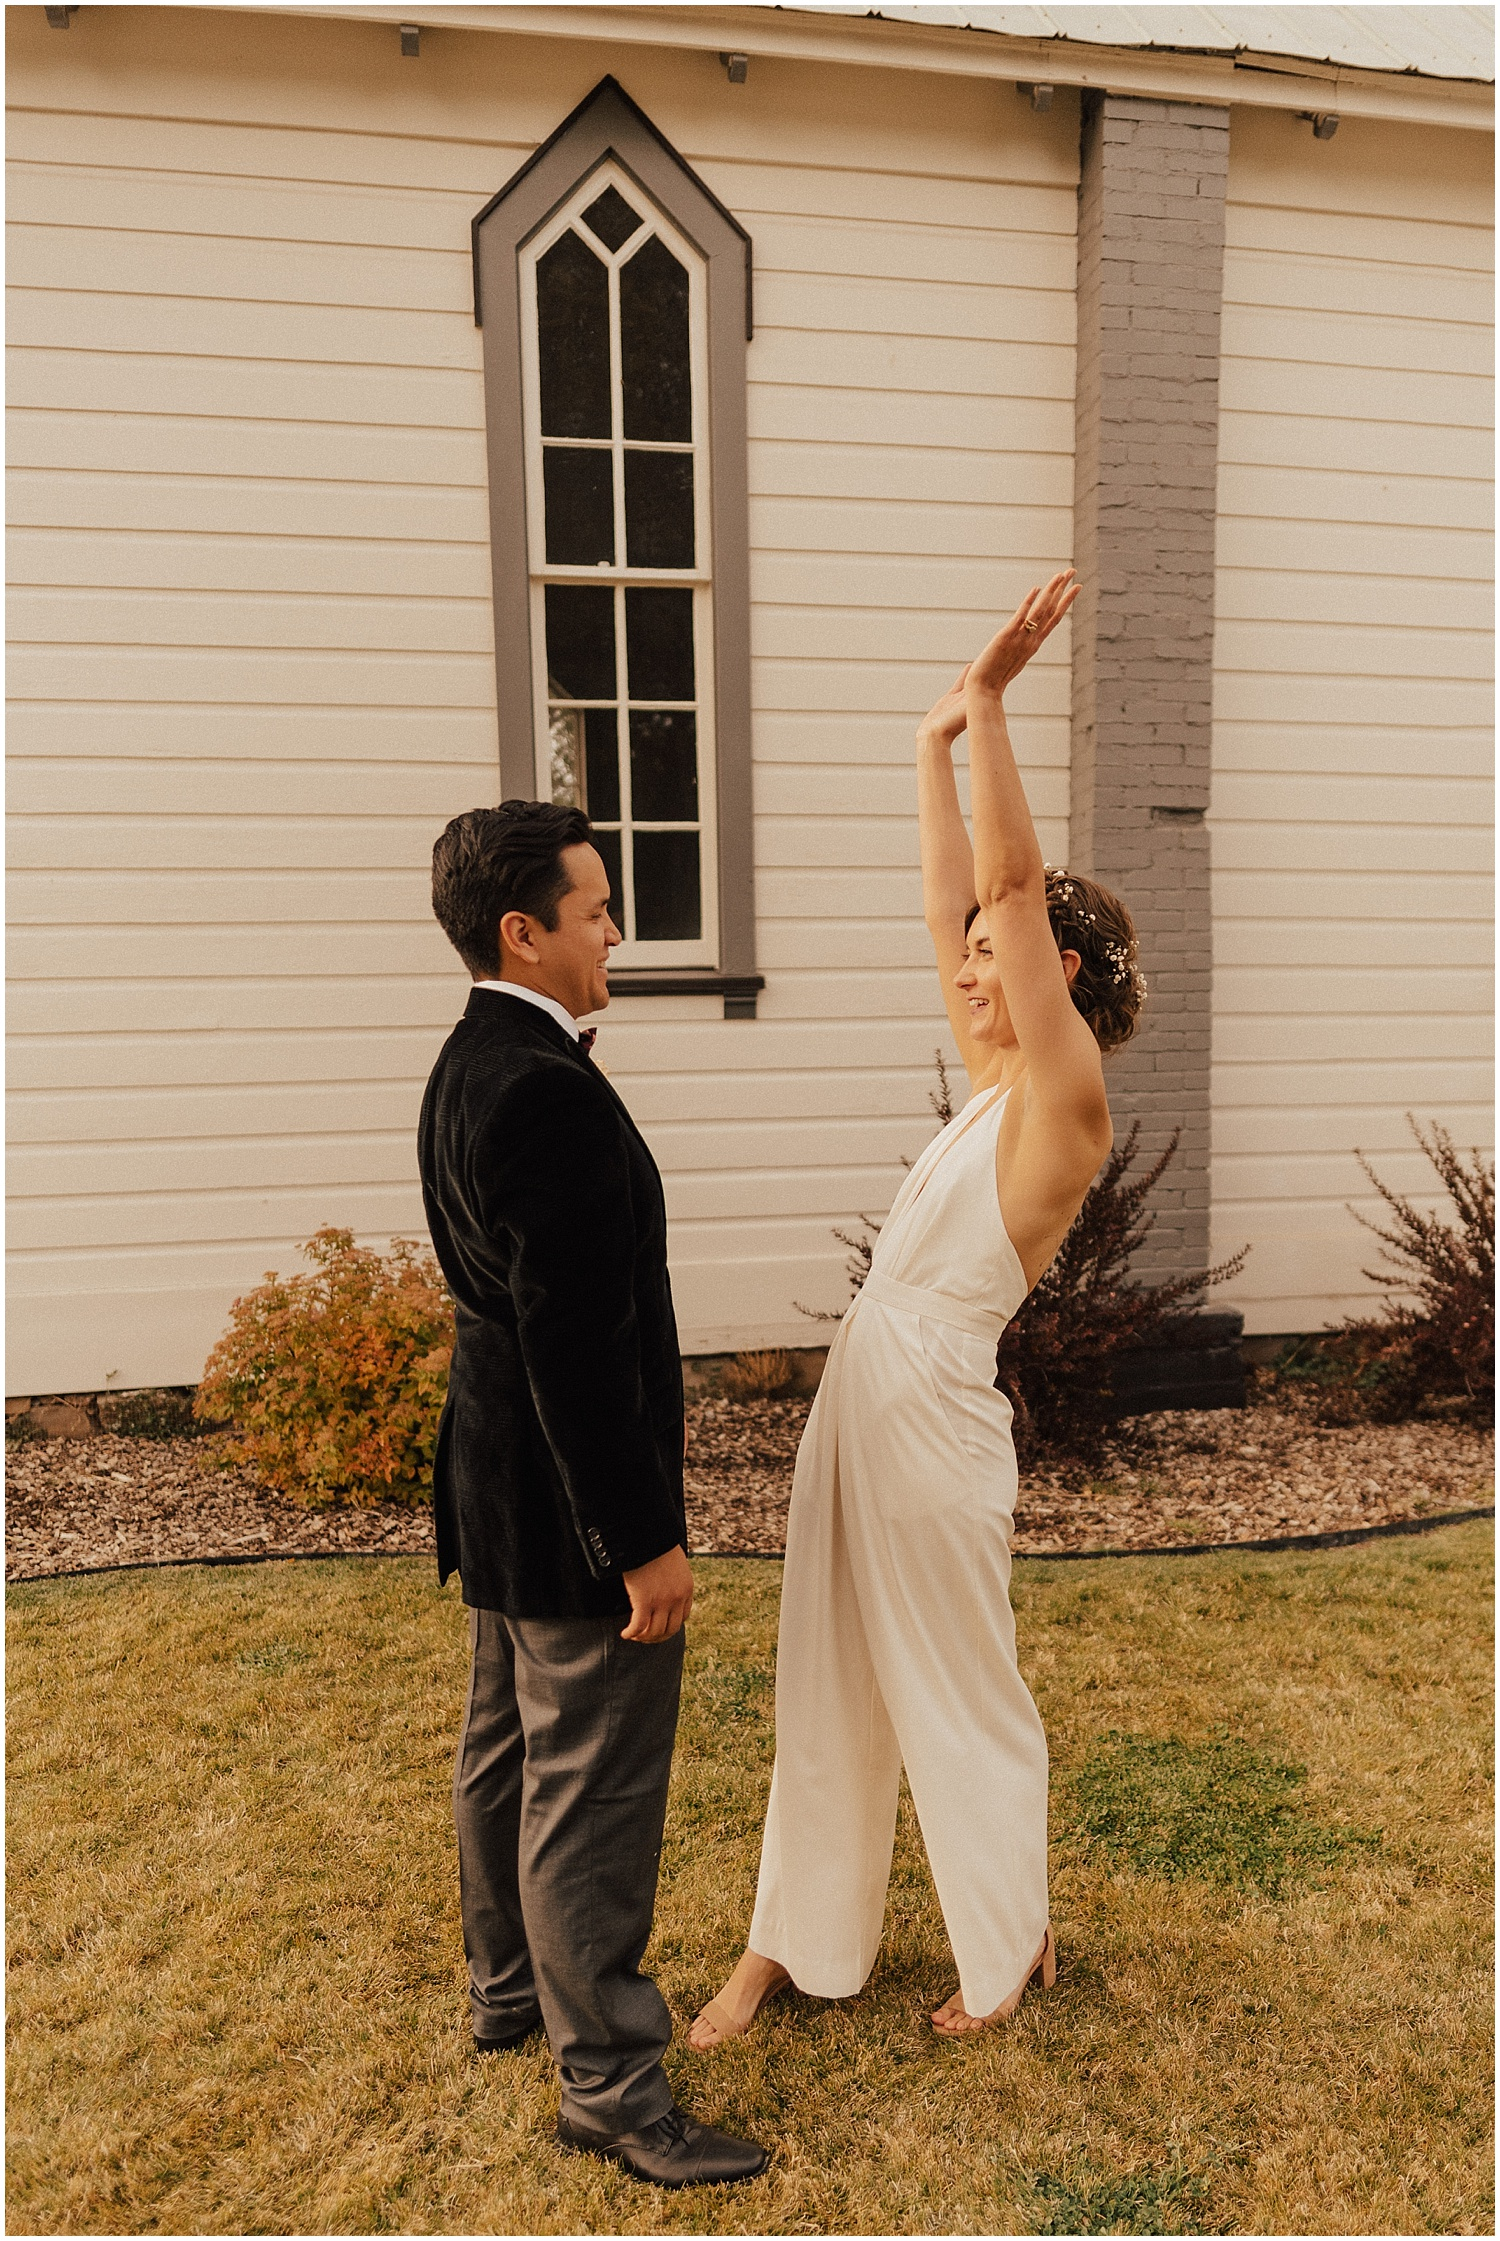 church-wedding-industrial-reception-sunvalley-idaho83.jpg